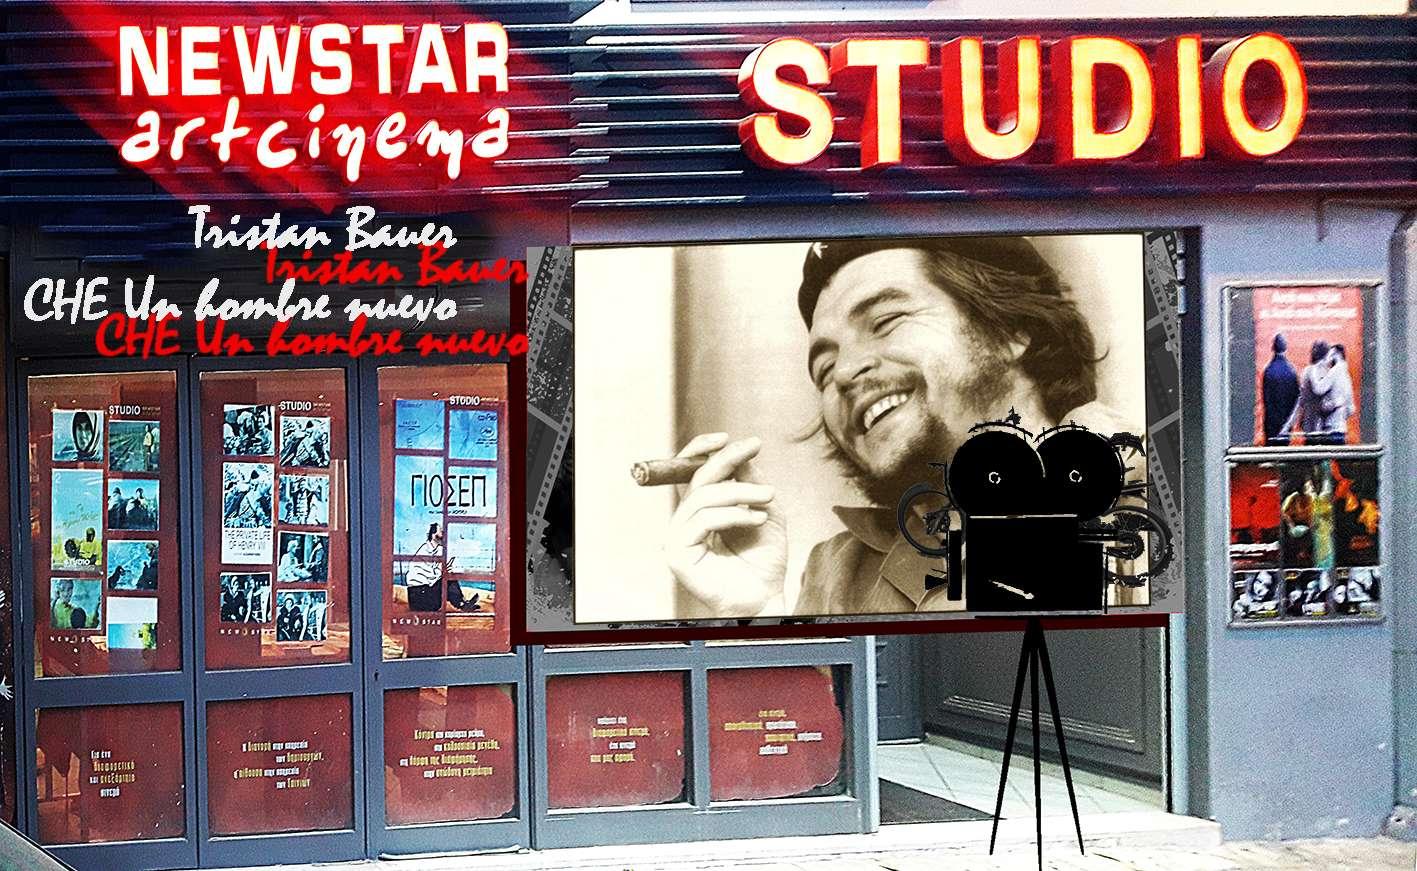 CHE Un hombre nuevo Τristan Βauer Studio Art Cinema